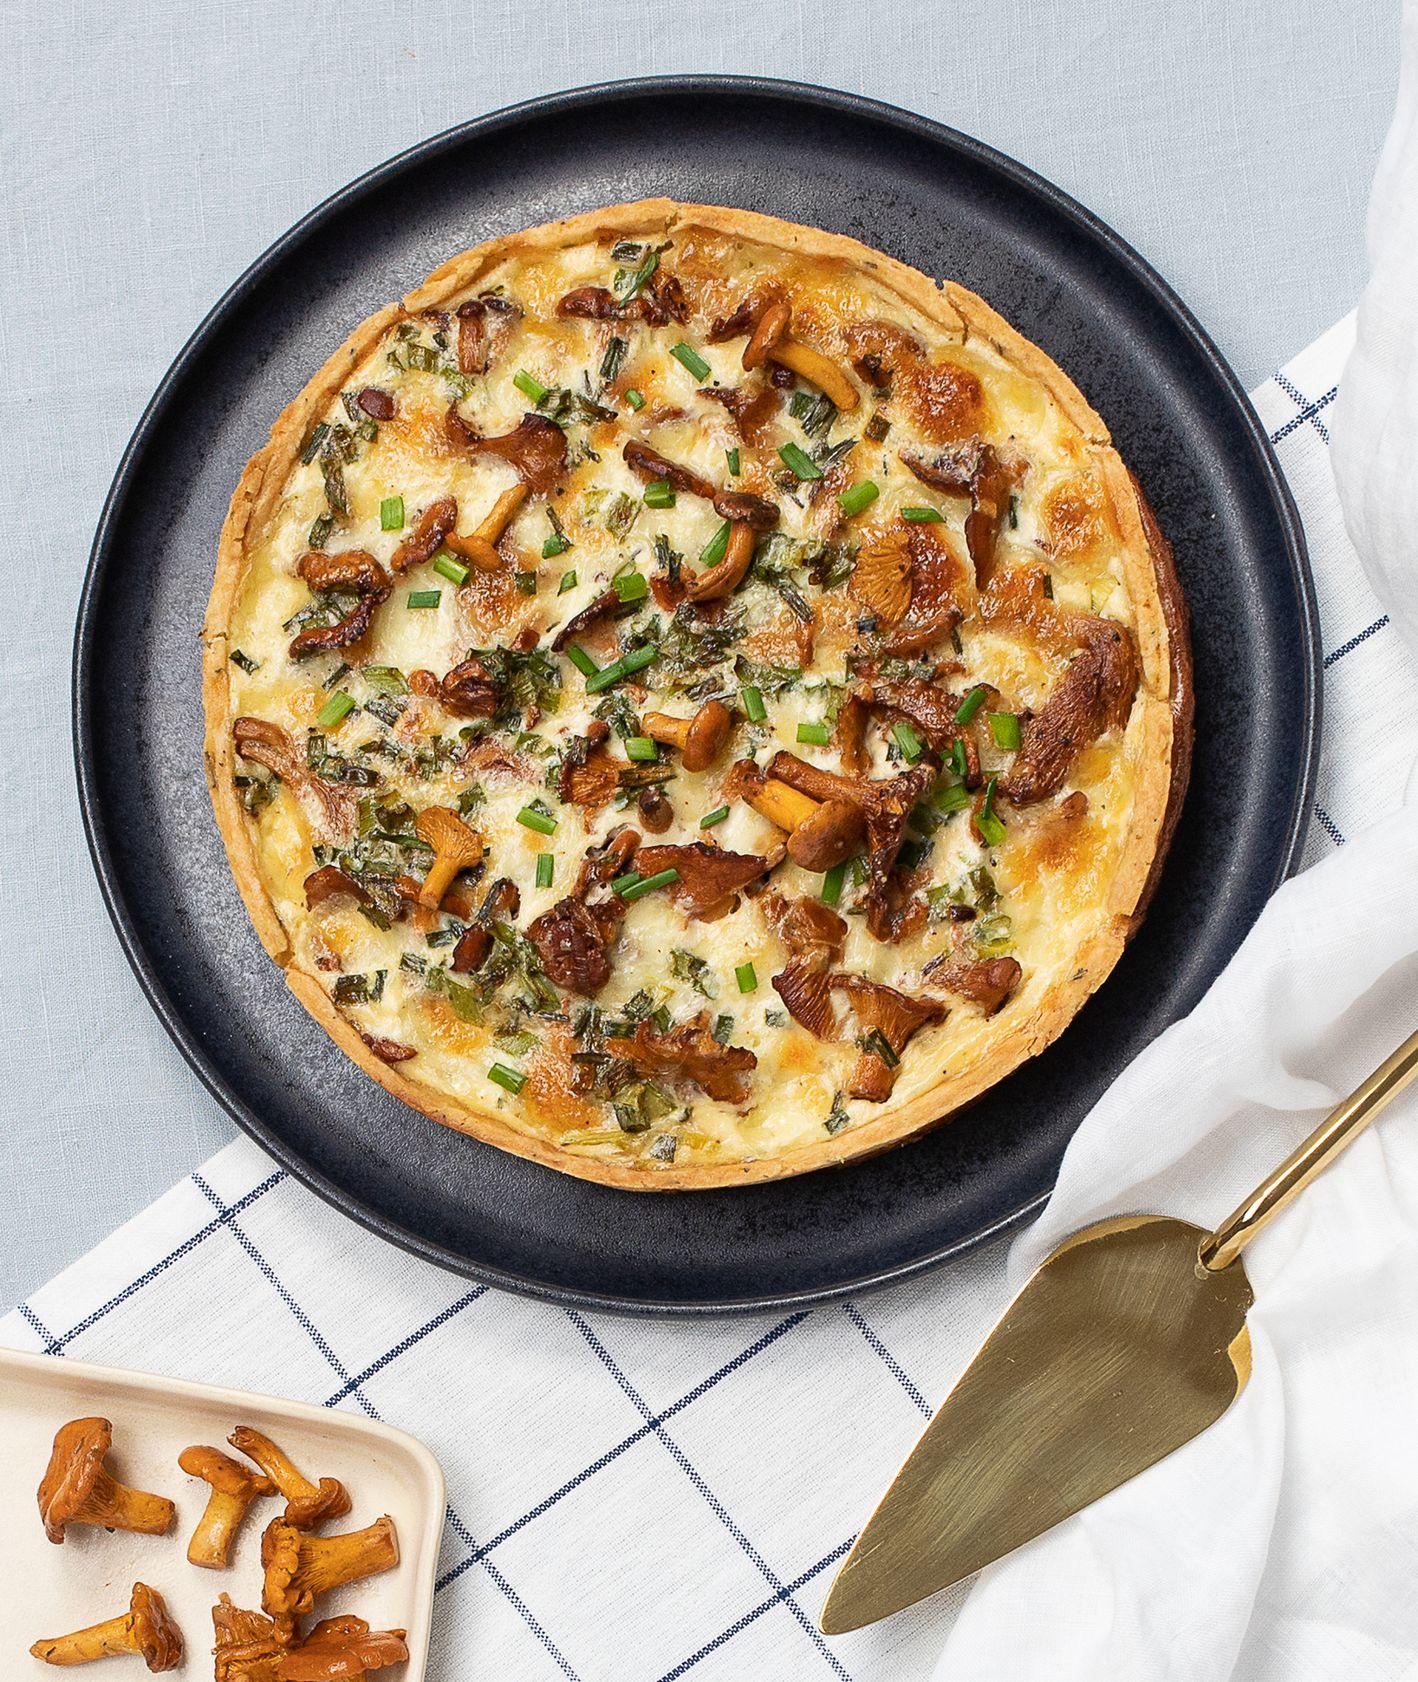 Tarta z porem, kurkami i mozzarellą na ziołowym spodzie (fot. Paulina Czyżewska)